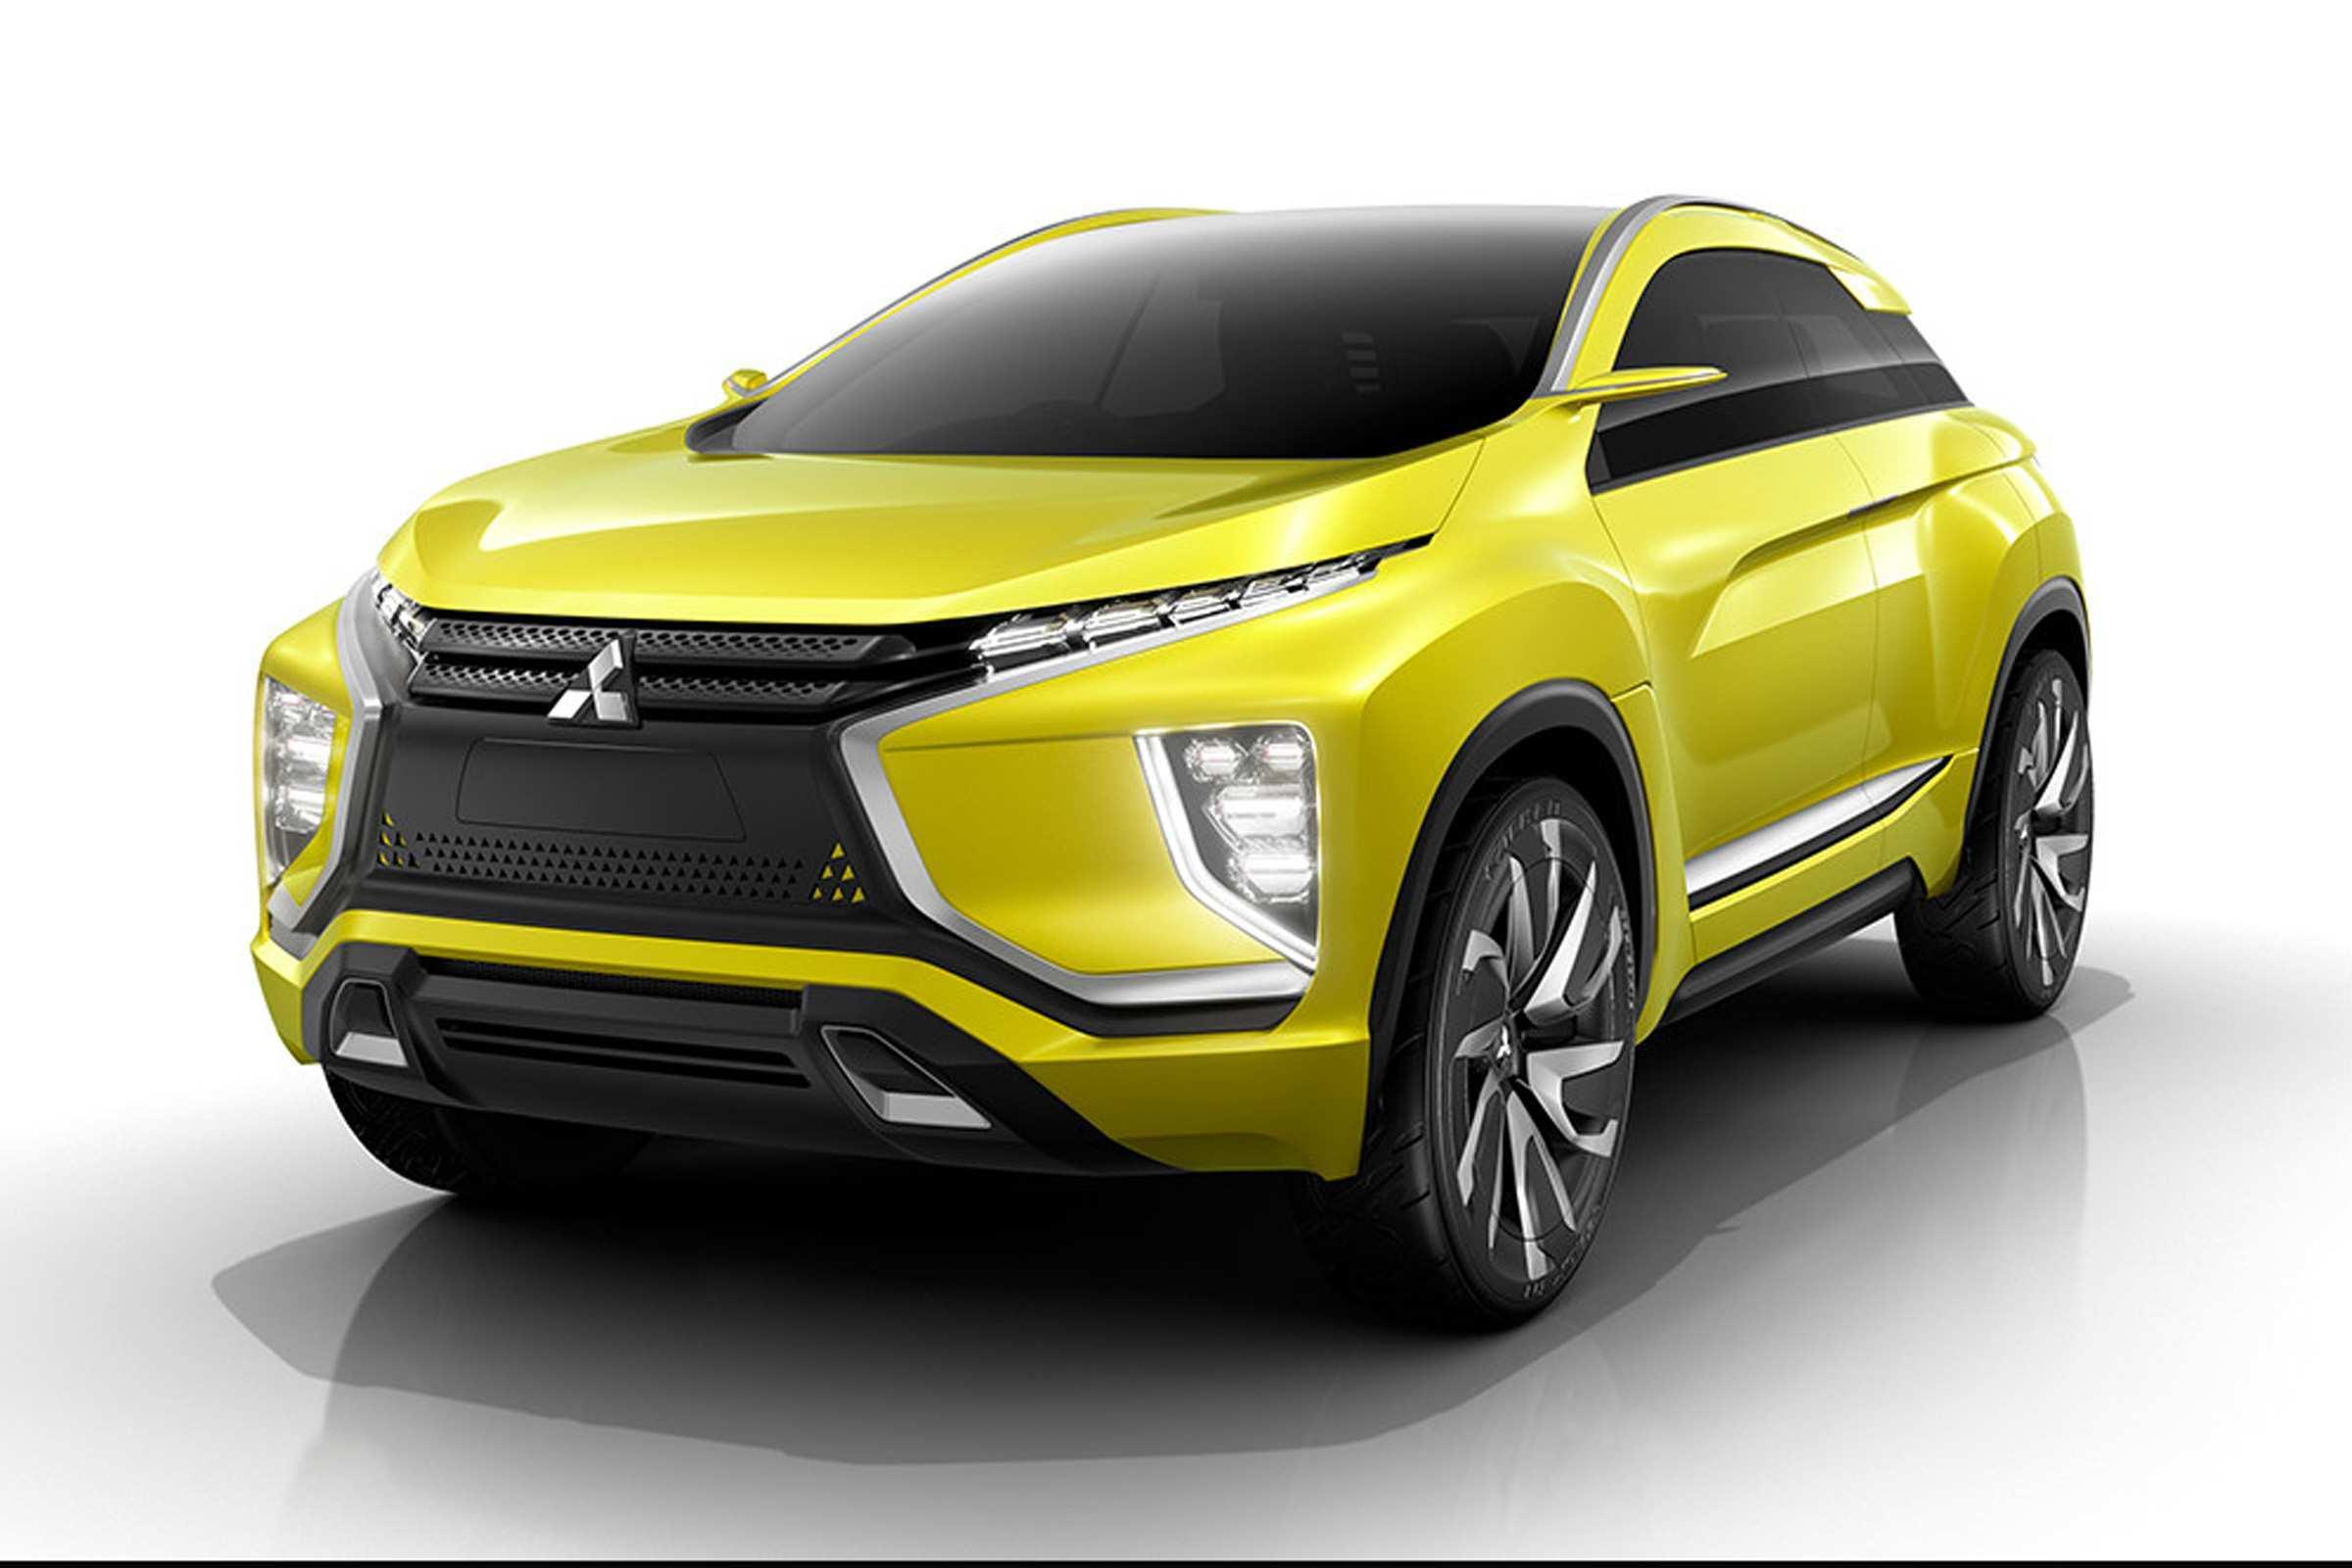 66 The Honda Brv 2020 Malaysia Ratings for Honda Brv 2020 Malaysia